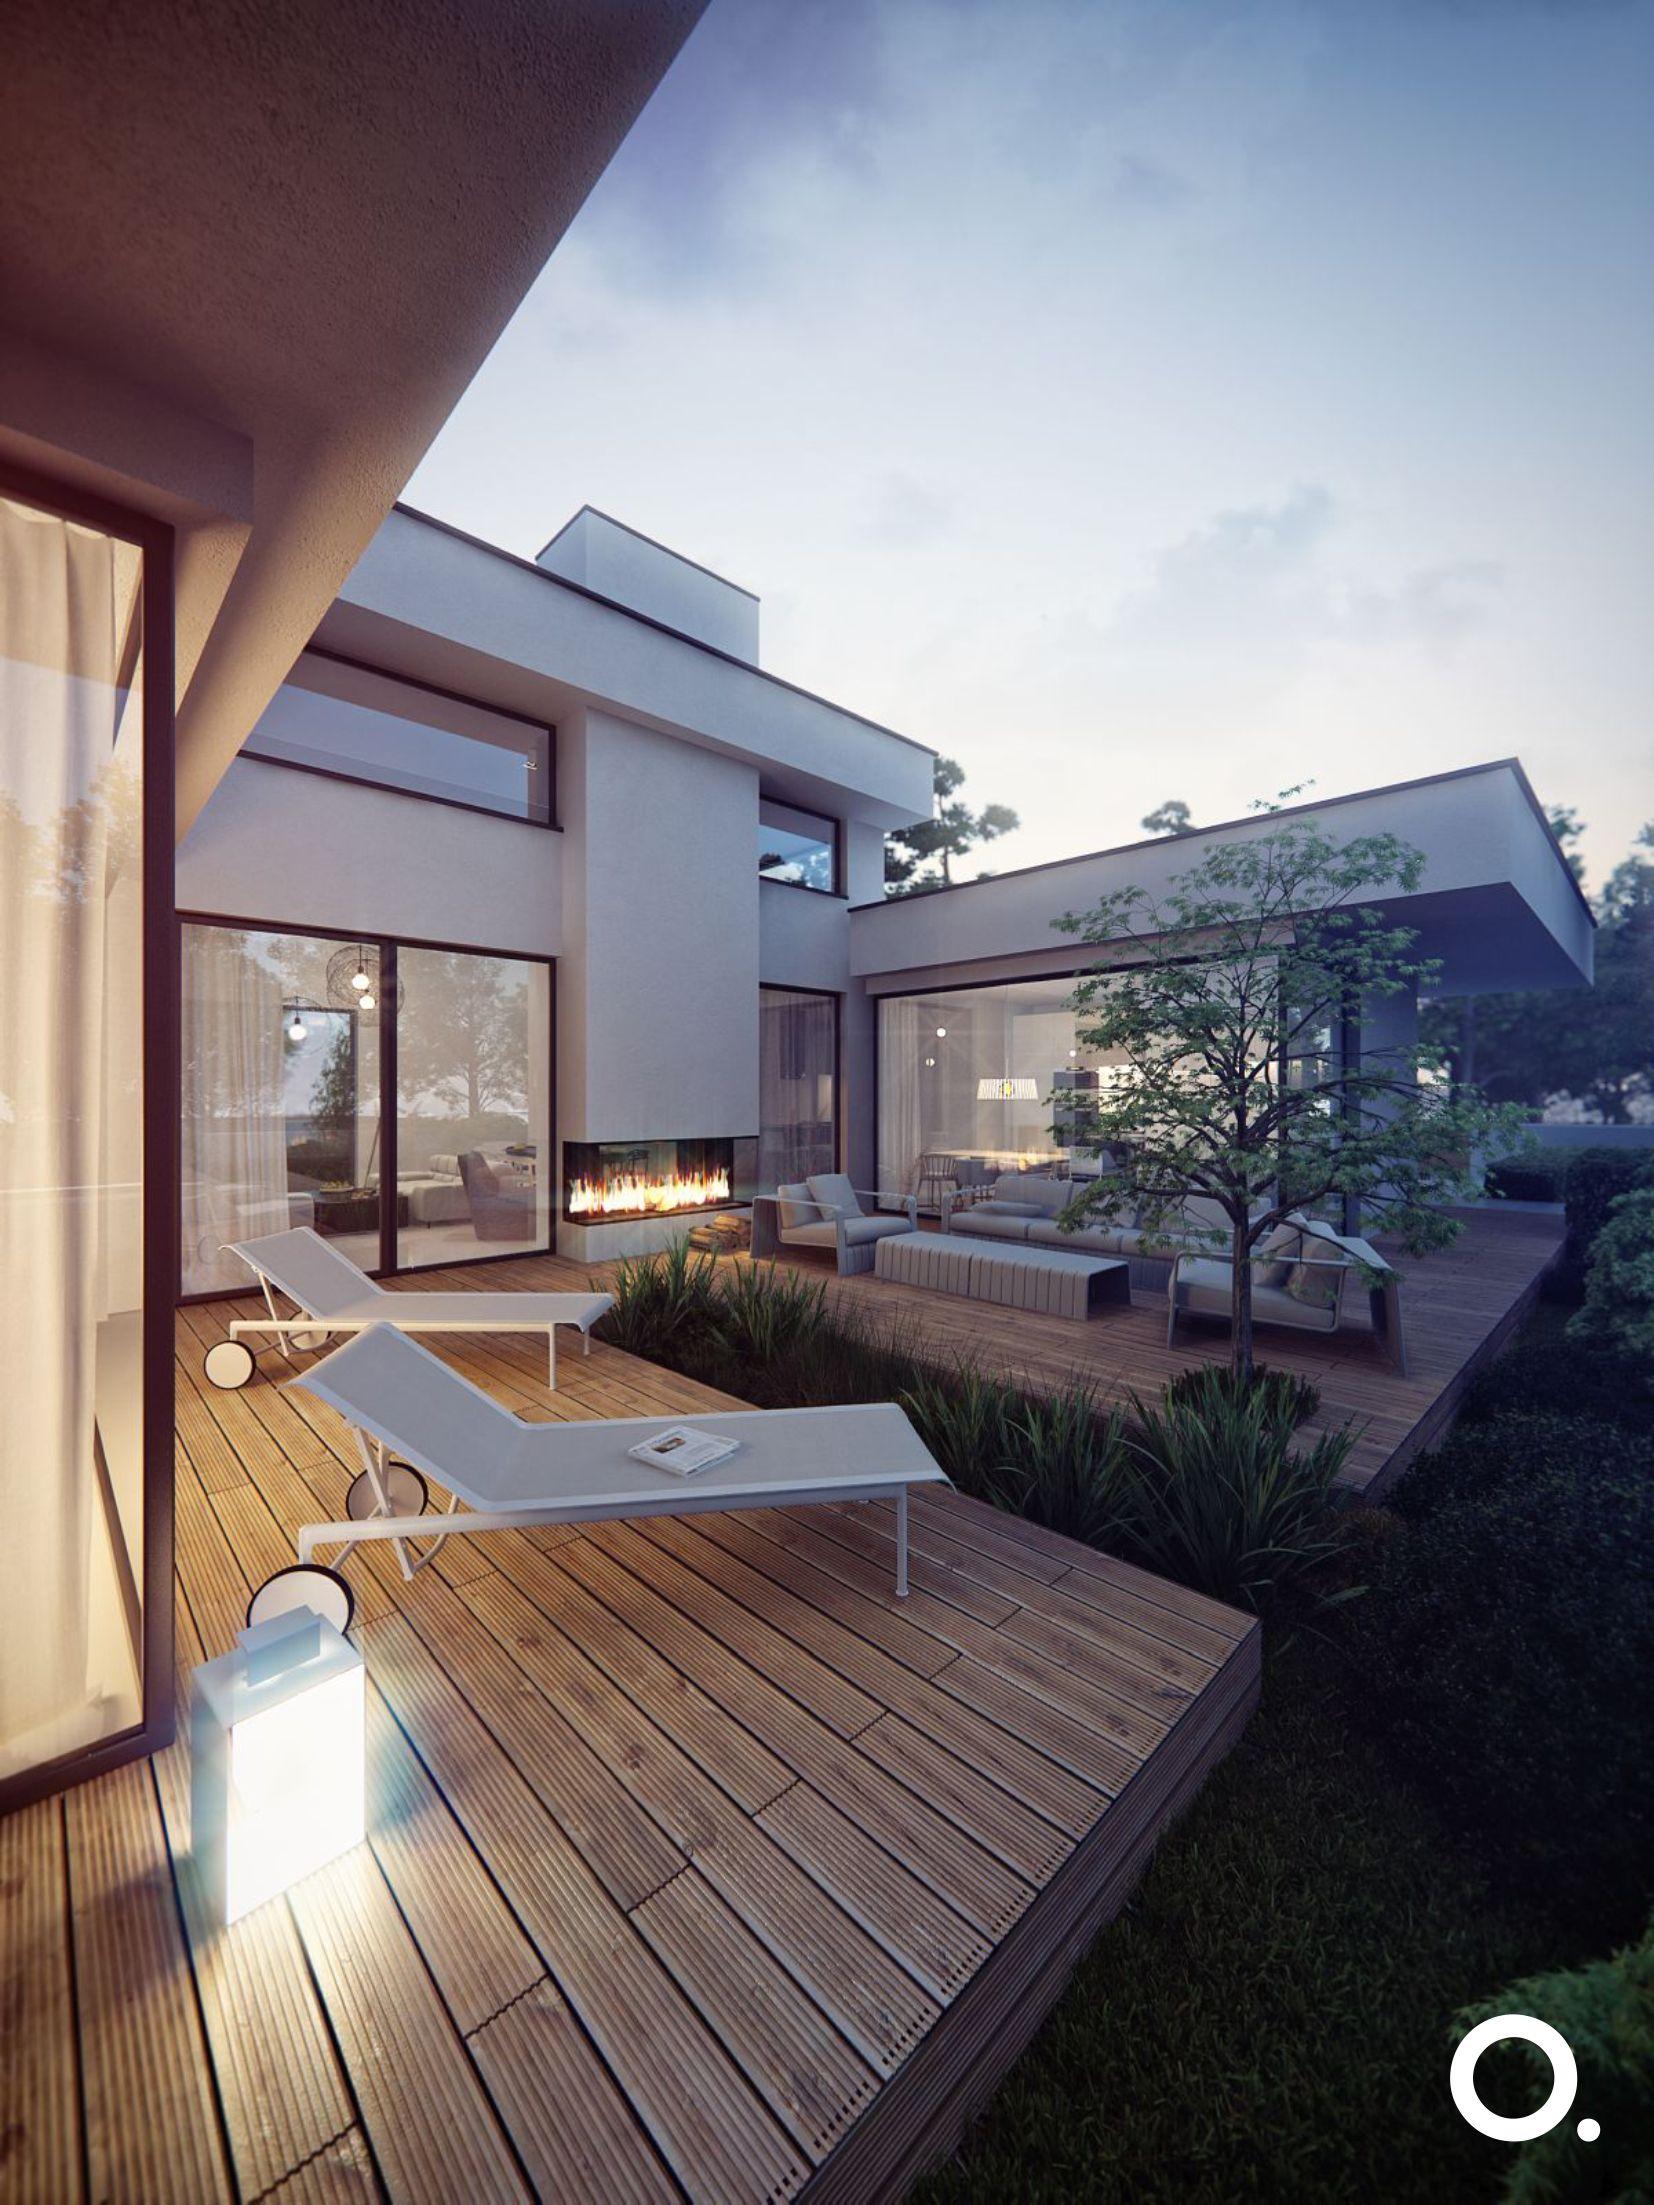 Stwórz za pomocą światła piękny klimat w ogrodzie | projekt: STUDIO.O